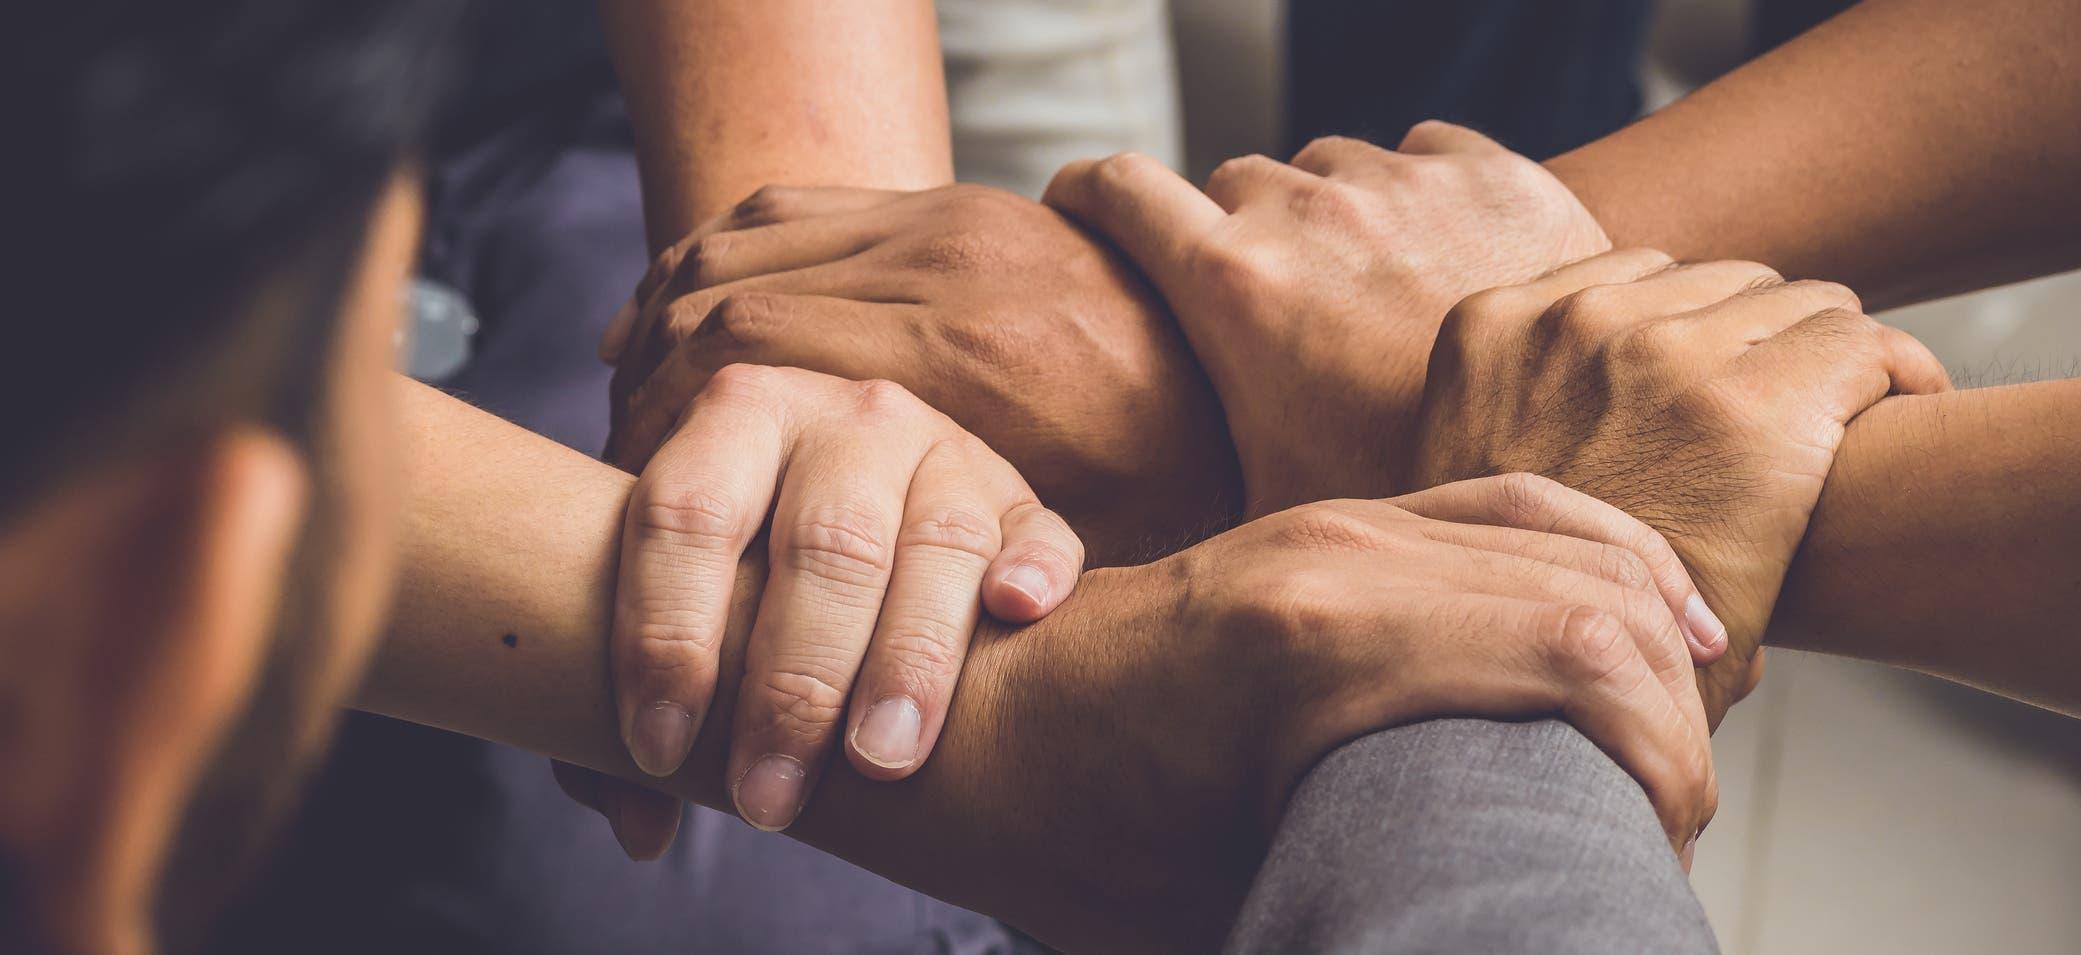 Las terapias grupales impartidas en el Centro de Intervención Conductual ayudan a los participantes a ver su historia reflejada en la de otros    .  Fuente Externa